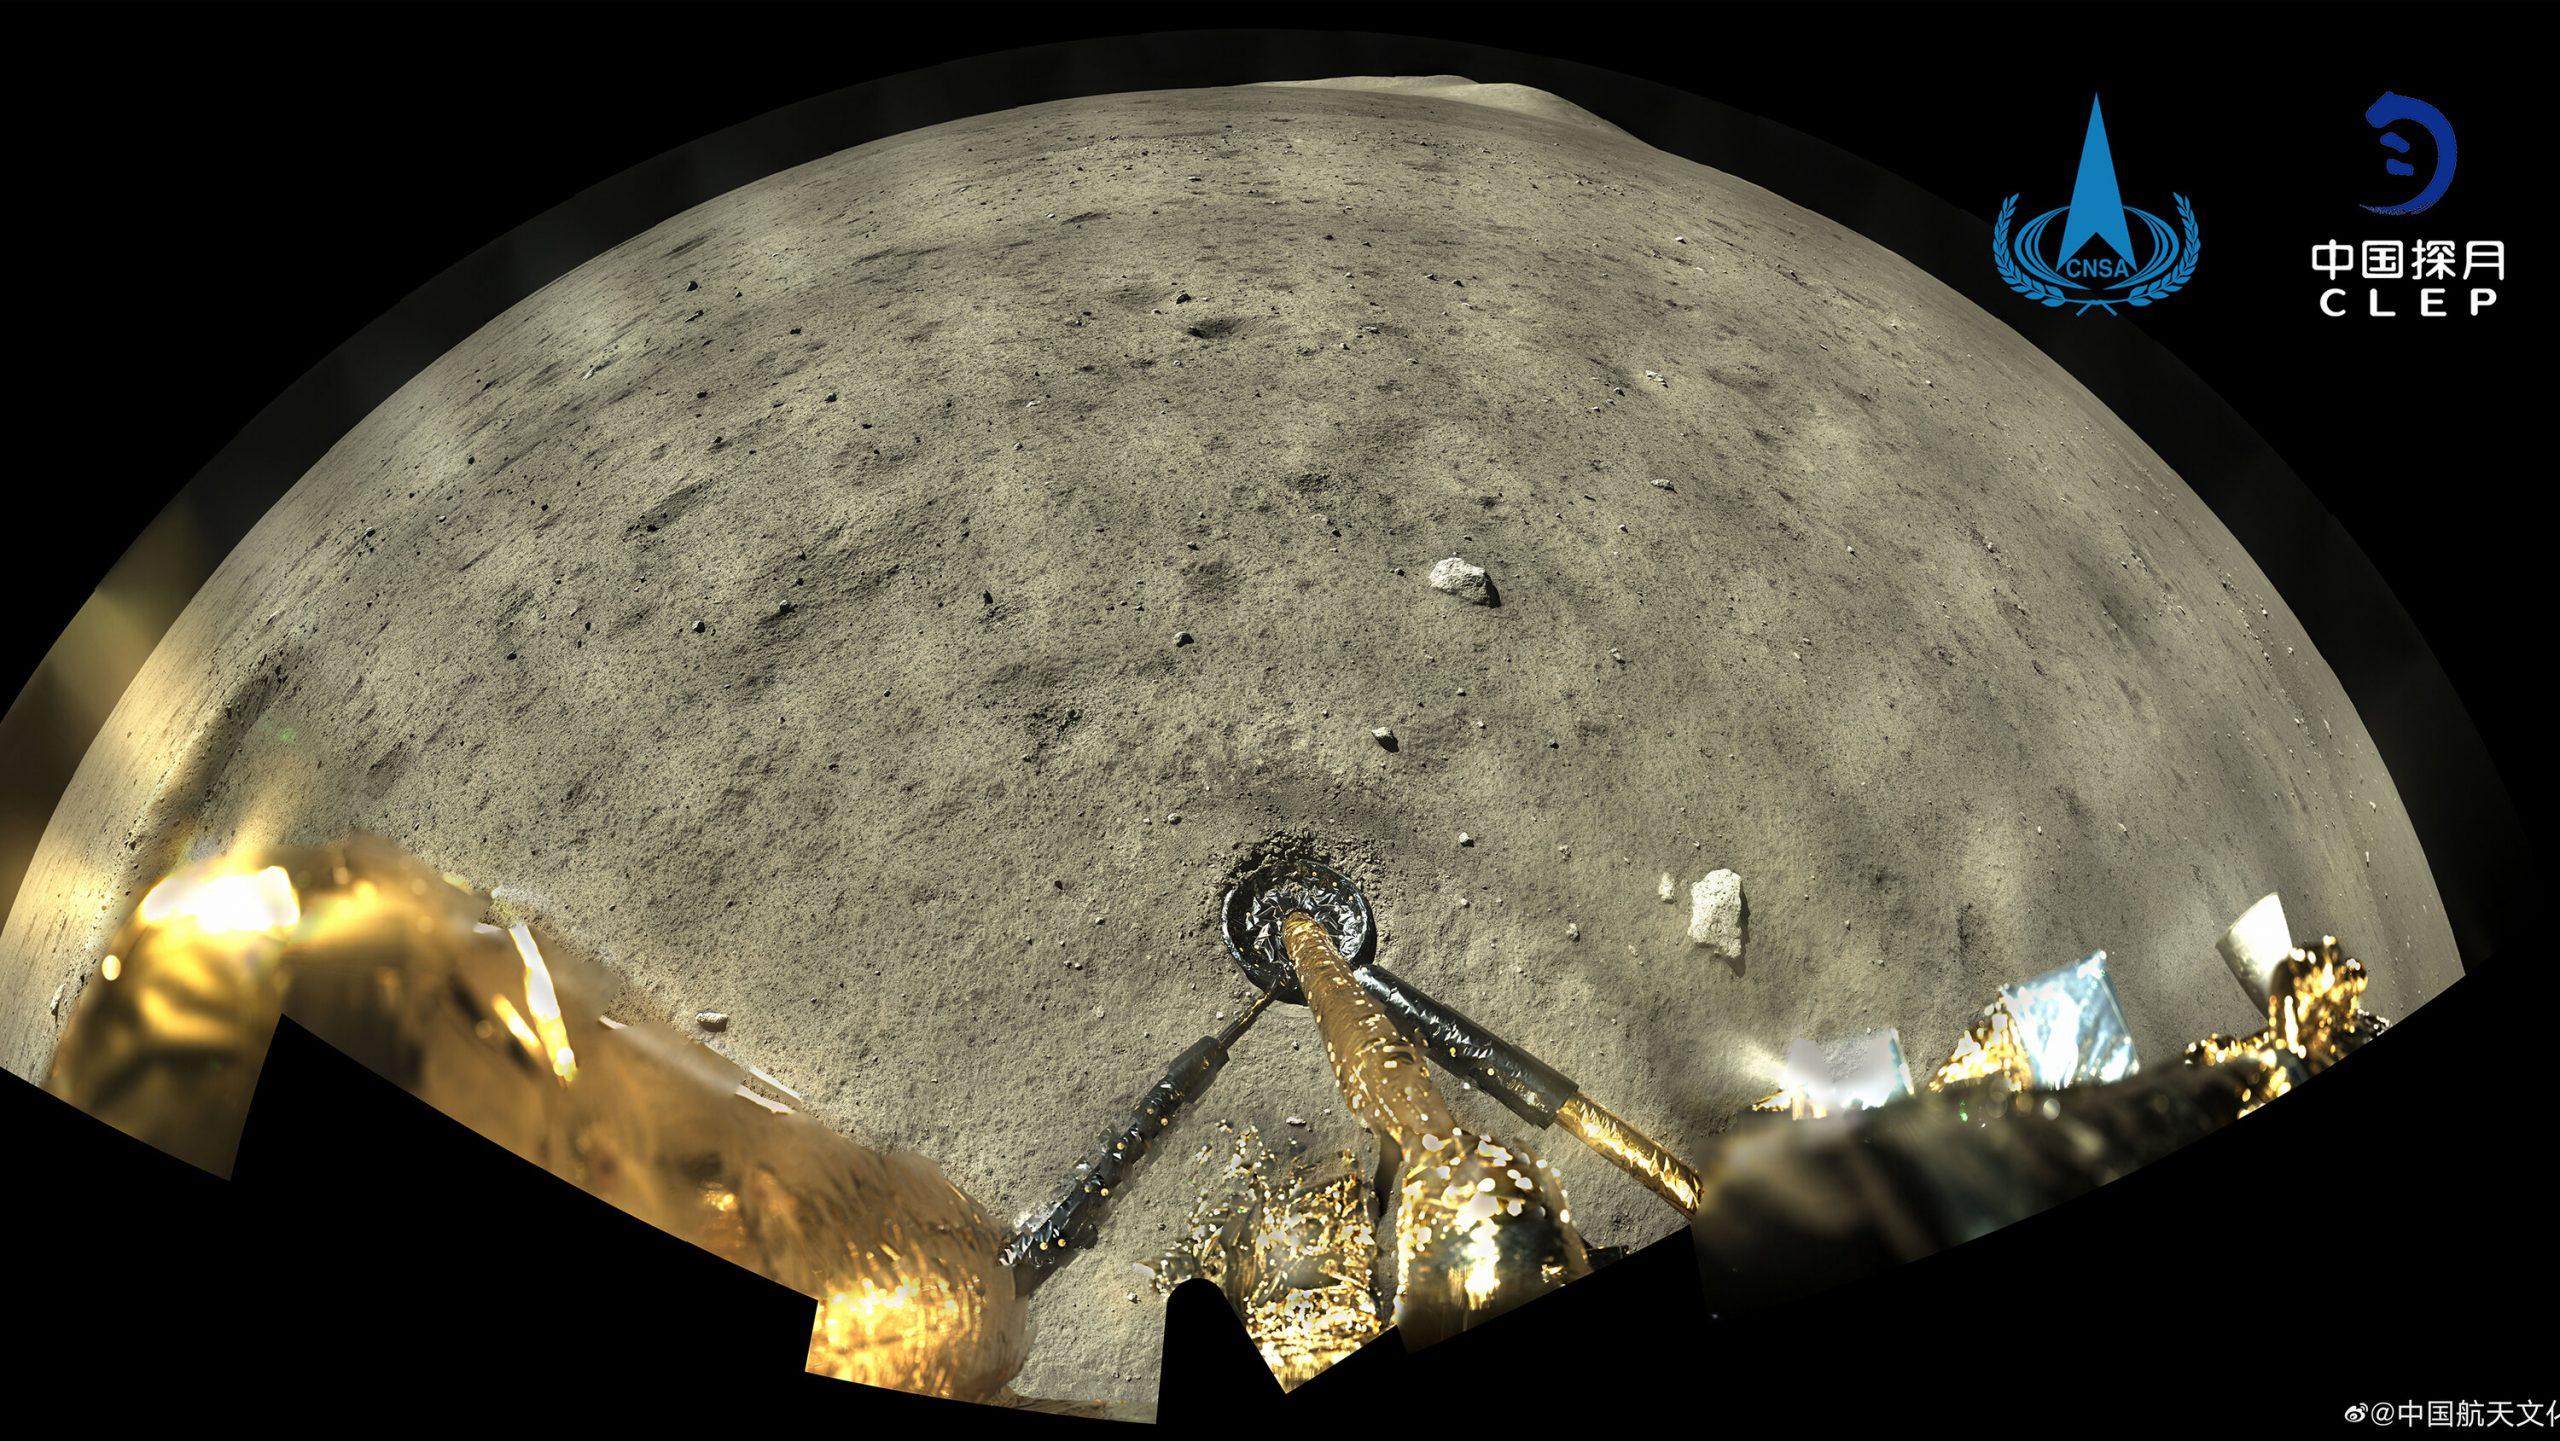 La sonde chinoise Chang'e-5 a réussi à se poser sur la lune le 1er décembre 2020 avant d'en ramener des échantillons sur Terre le 17 décembre. (Source : NYT)